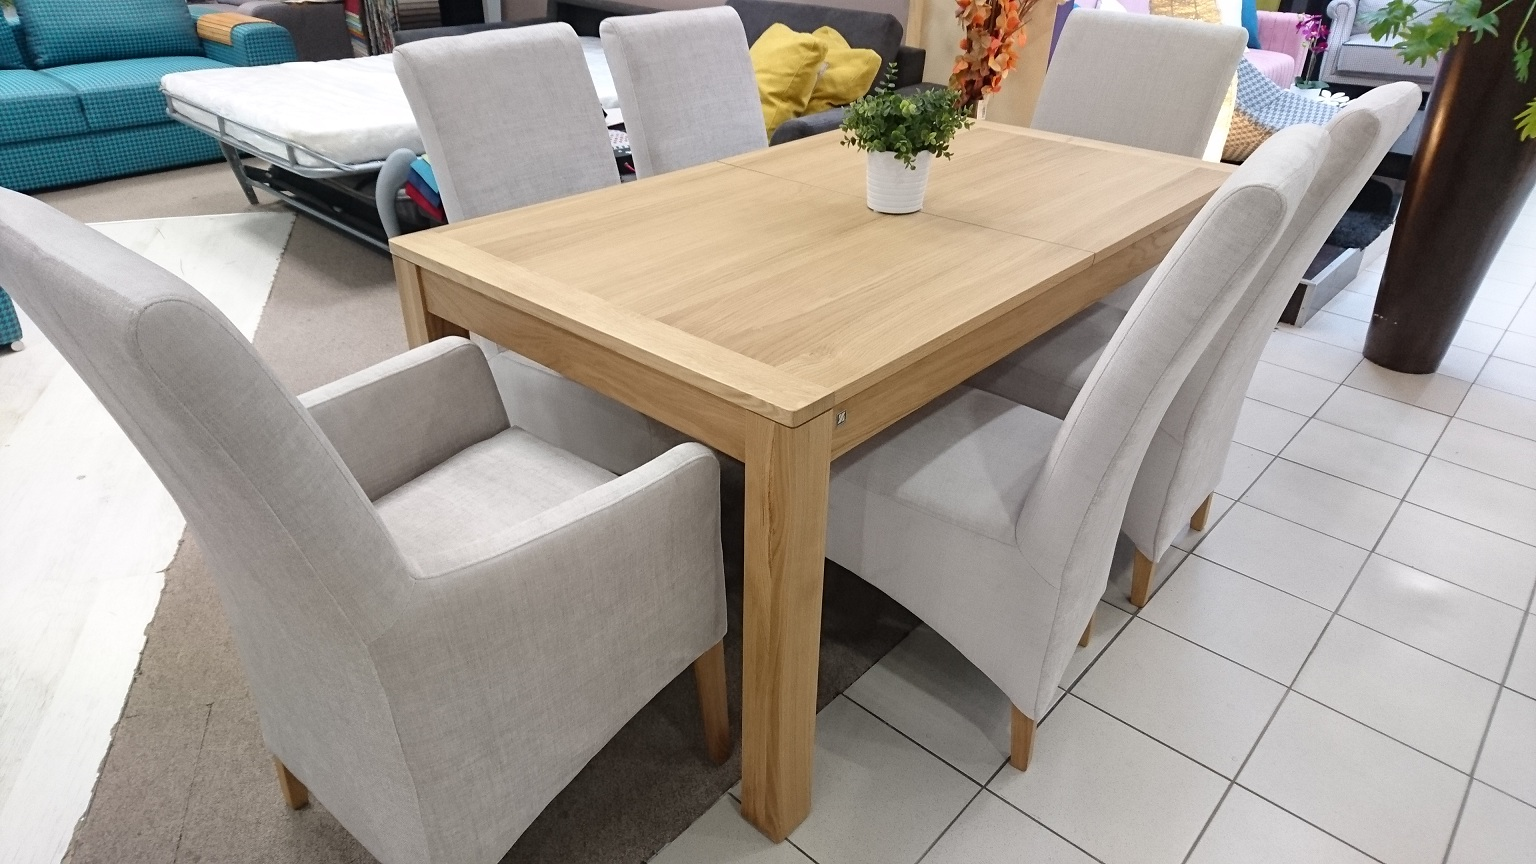 MALAREN stół ADAM krzesła ADAM FOTELIKI STUDIO KOMFORT WARSZAWA stół 160 rozkładany krzesła tkanina SPIRIT 02